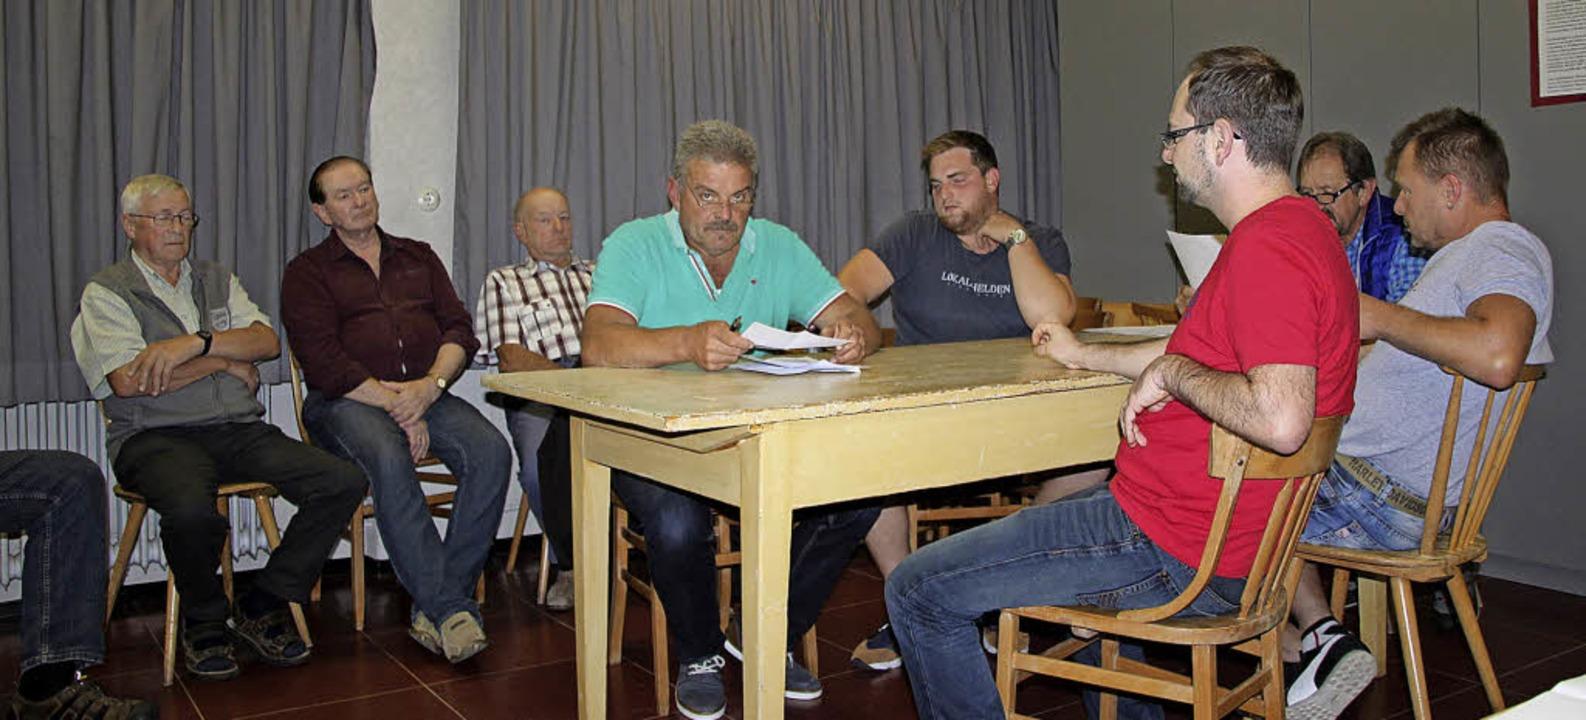 In der Ortschaftsratssitzung im alten ...teher Bernhard Engel und Roland Kech.   | Foto: Yvonne Würth